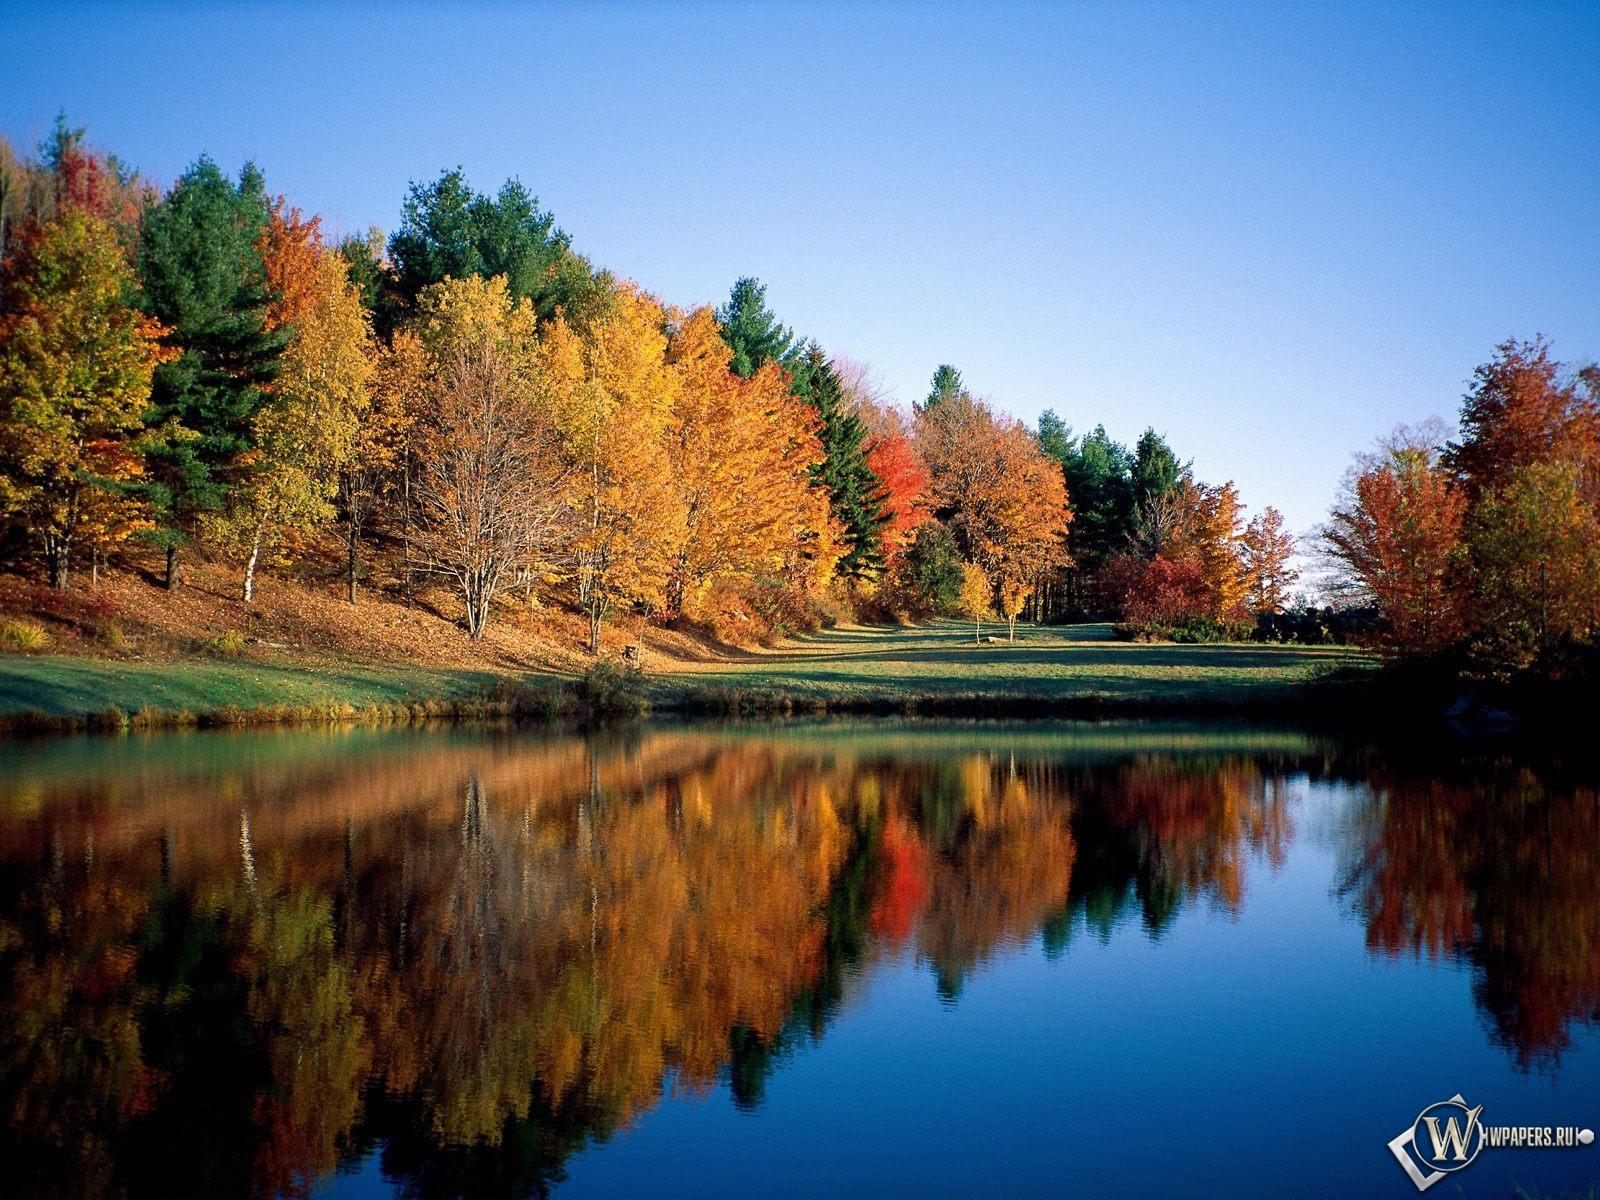 Отражение леса в речной глади 1600x1200